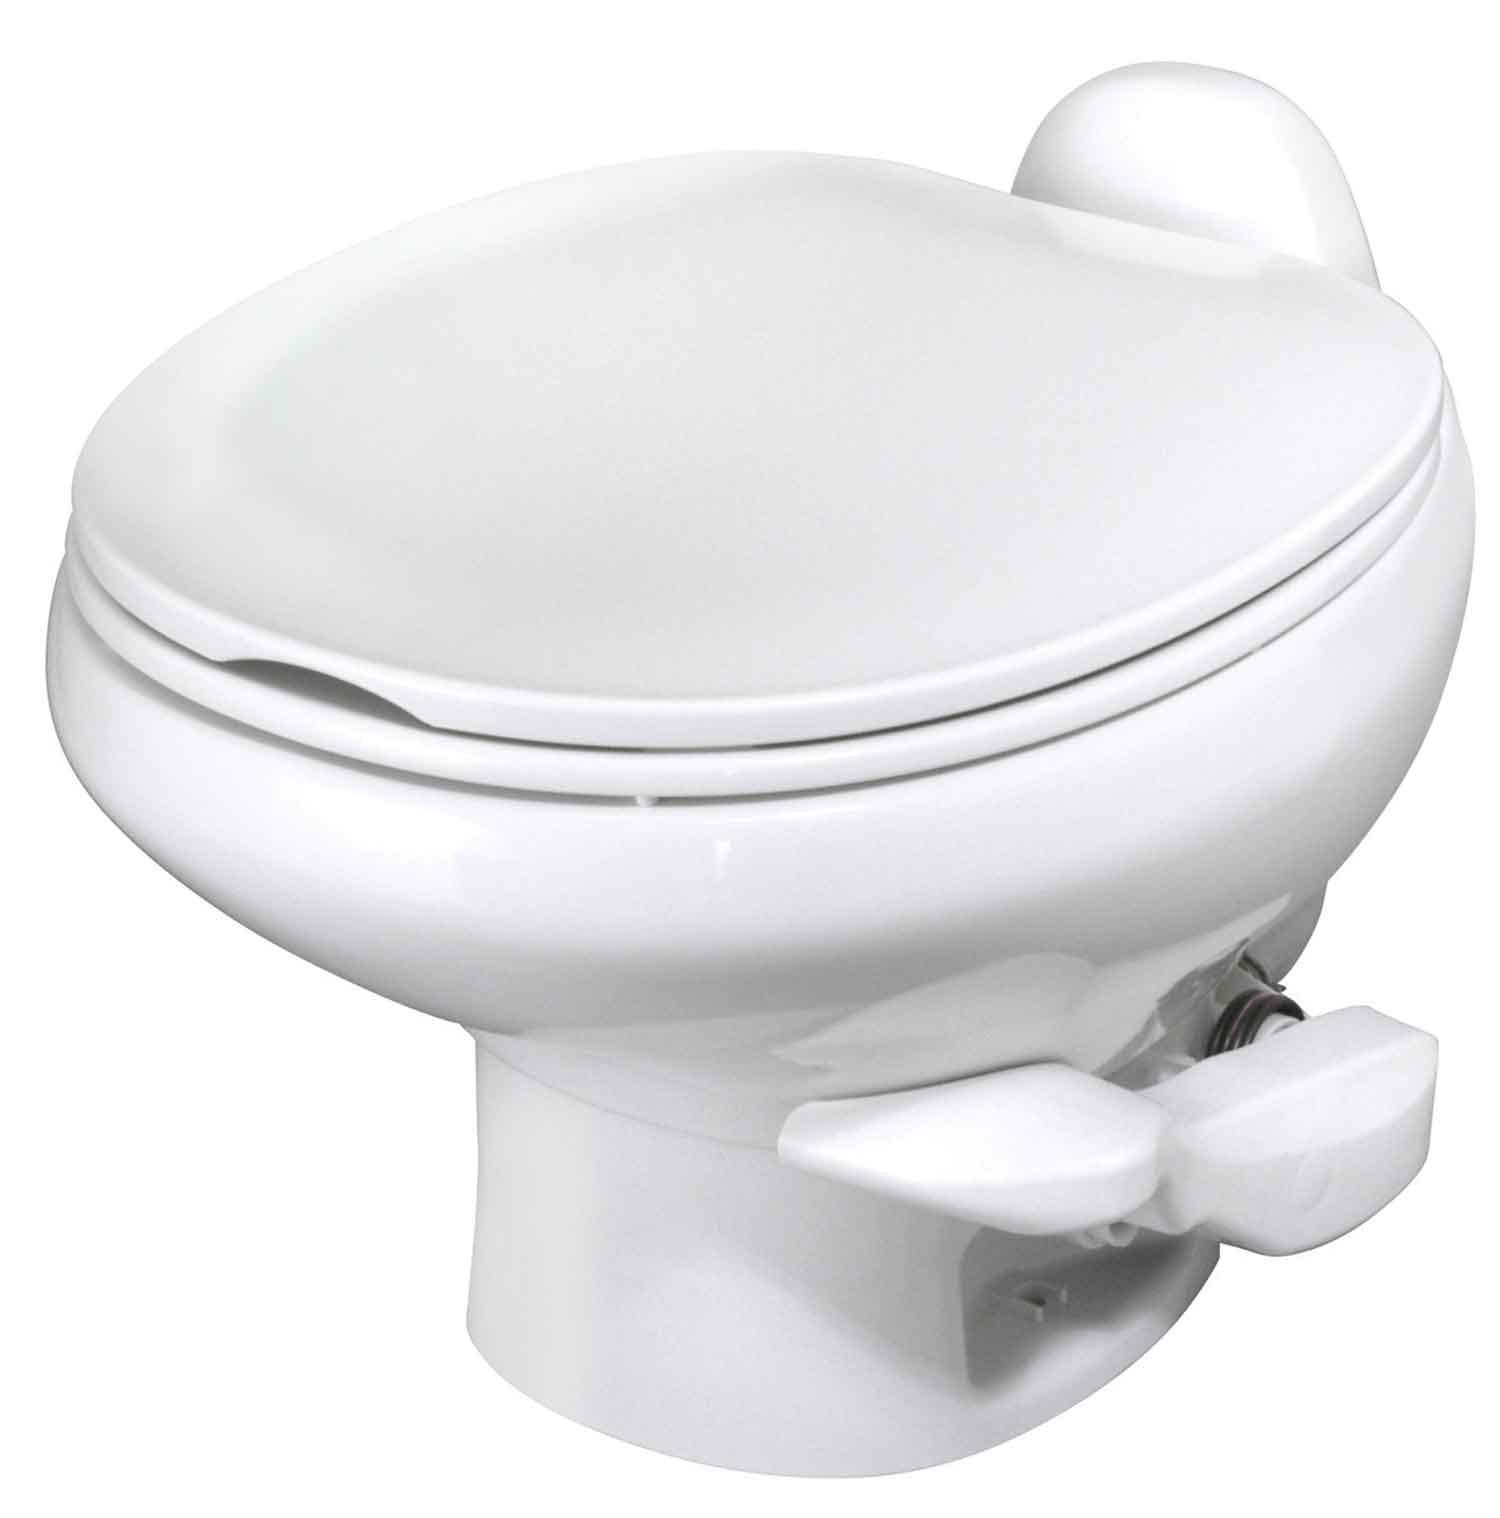 Thetford 42059 Thetford Toilet Style Ii Lite Low Profile